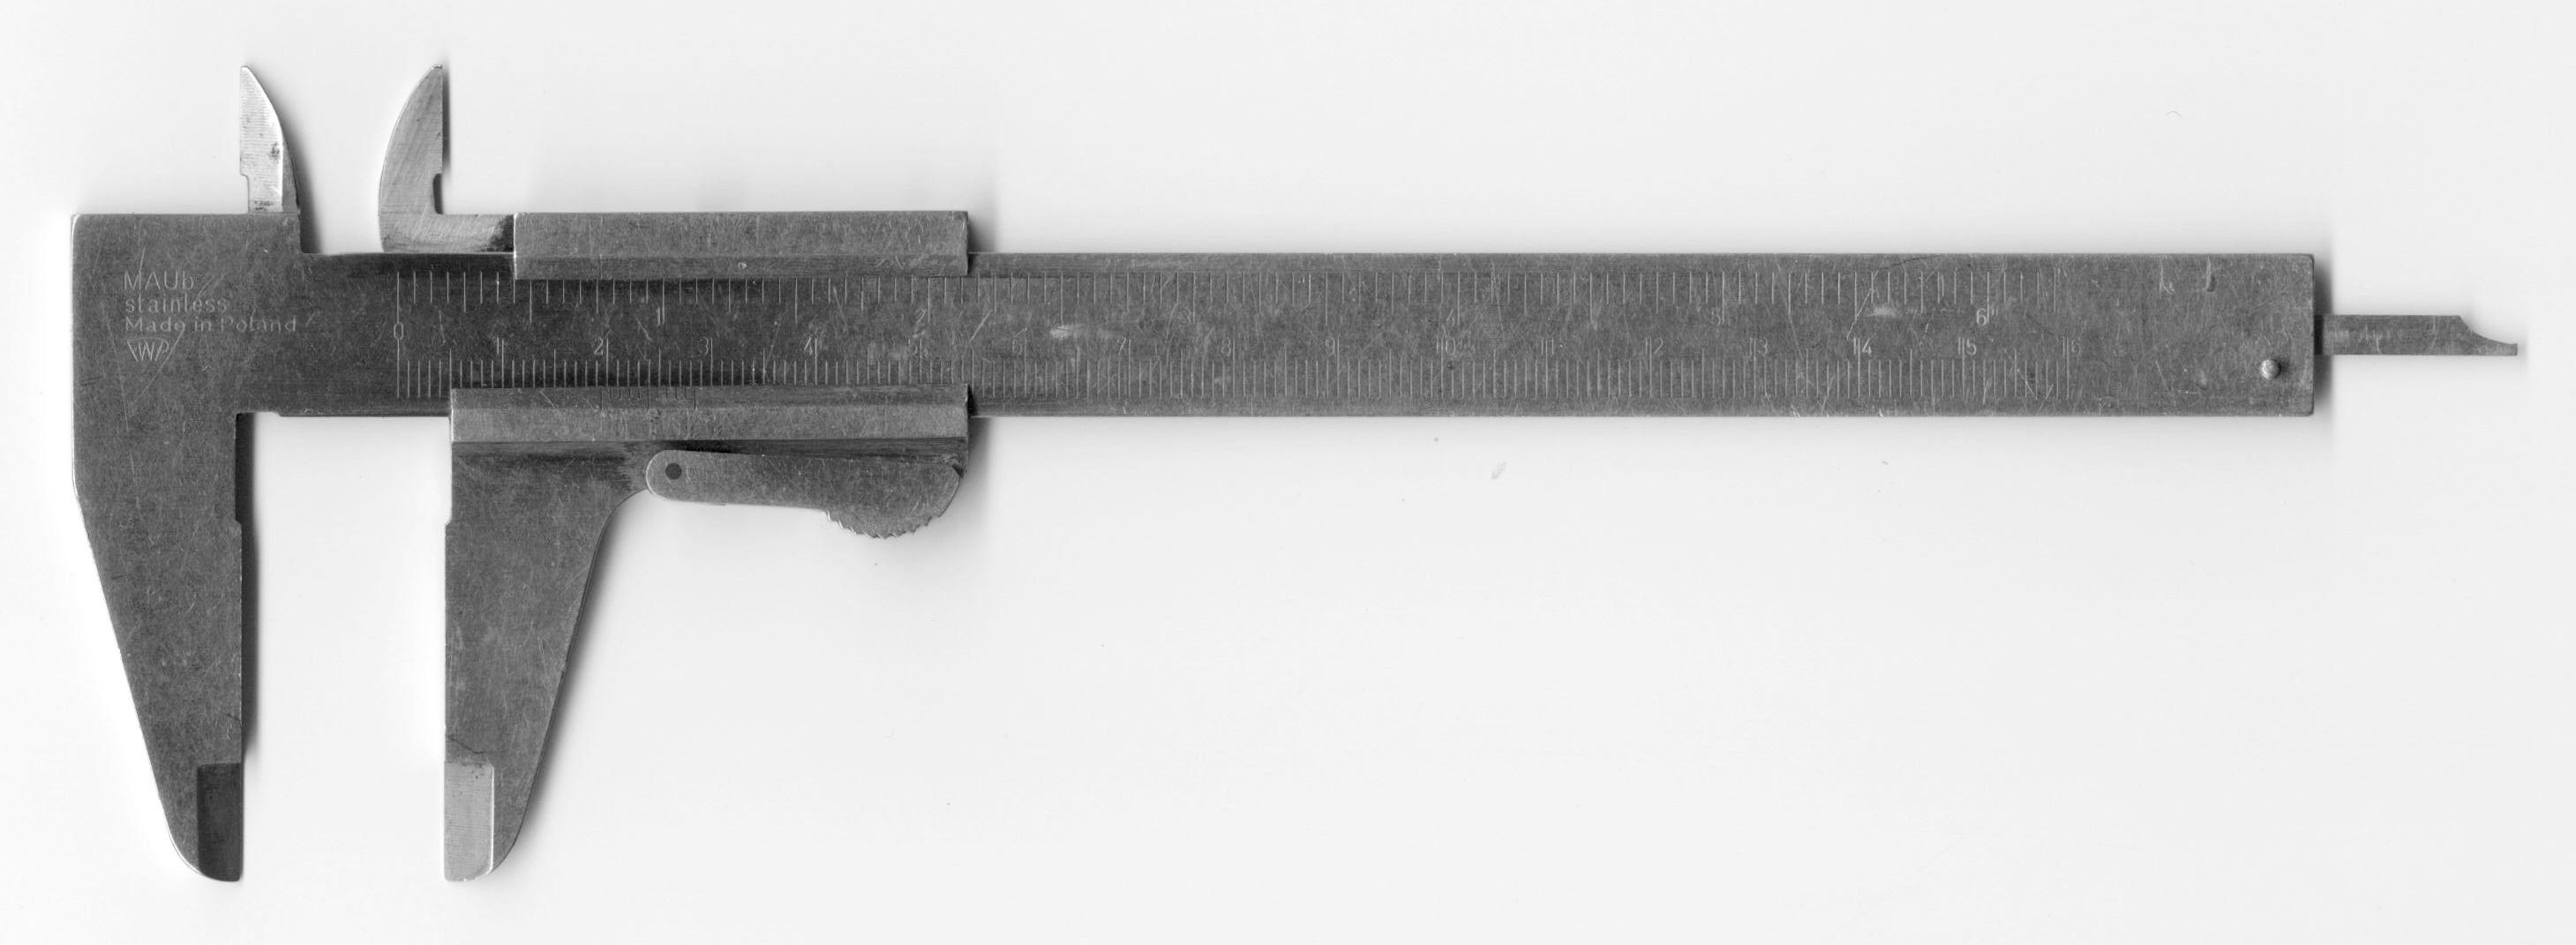 Risultati immagini per regolo strumento di misura